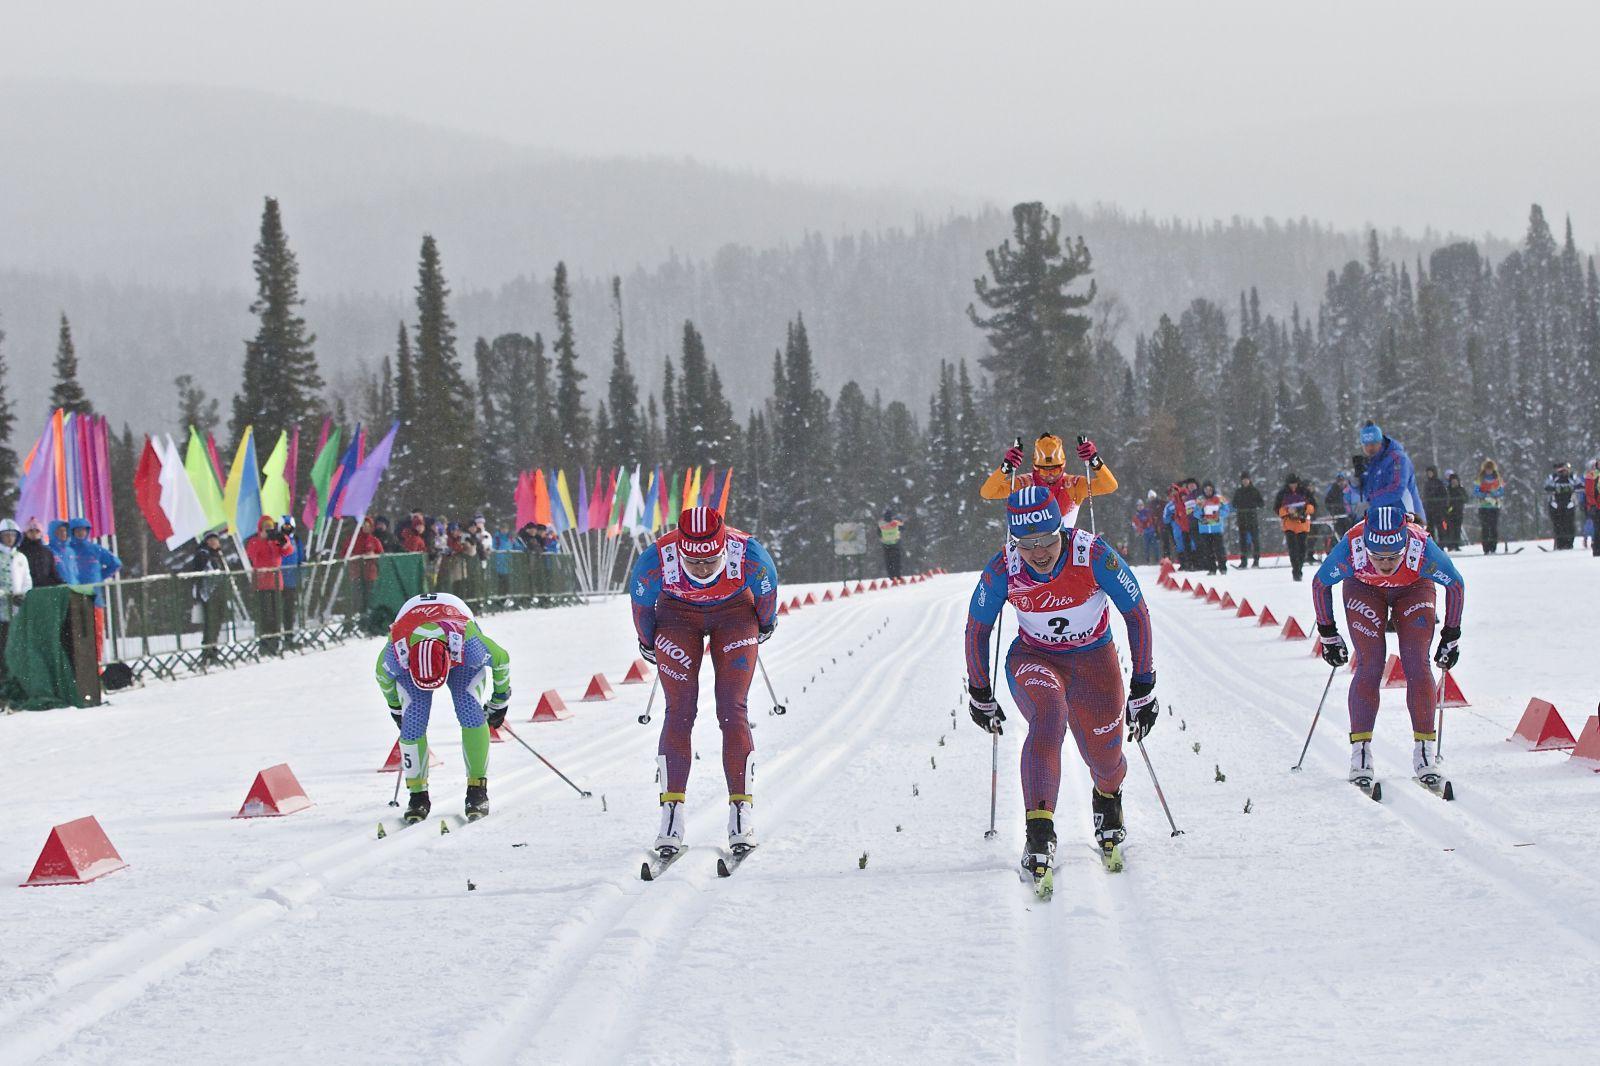 Погода устроила кировским лыжникам настоящий экзамен в Хакасии.